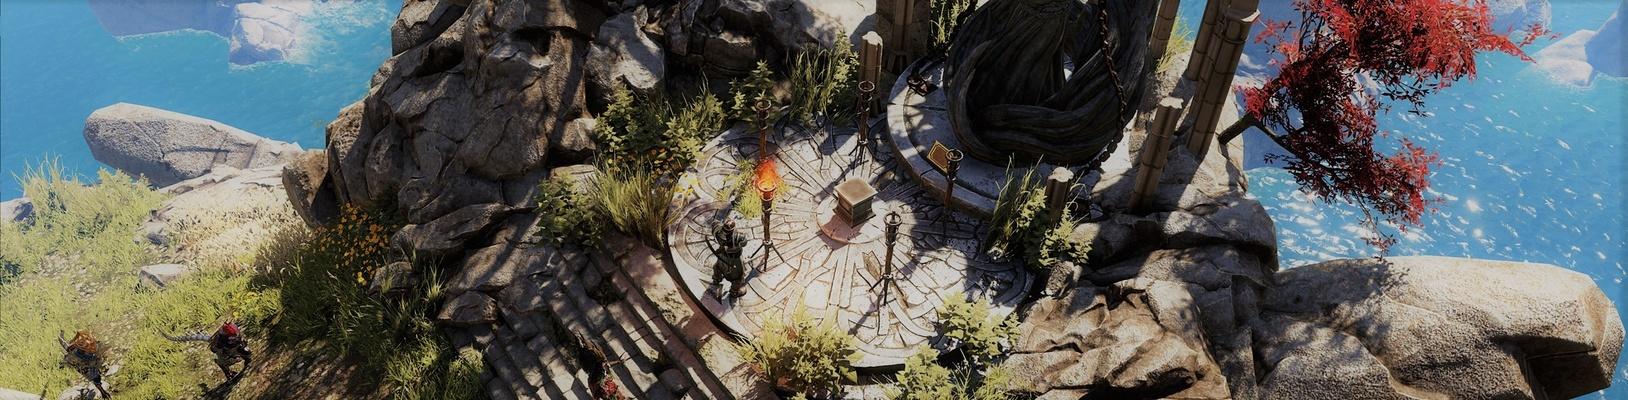 古典的逆袭:不可多得的高分RPG《神界原罪2》